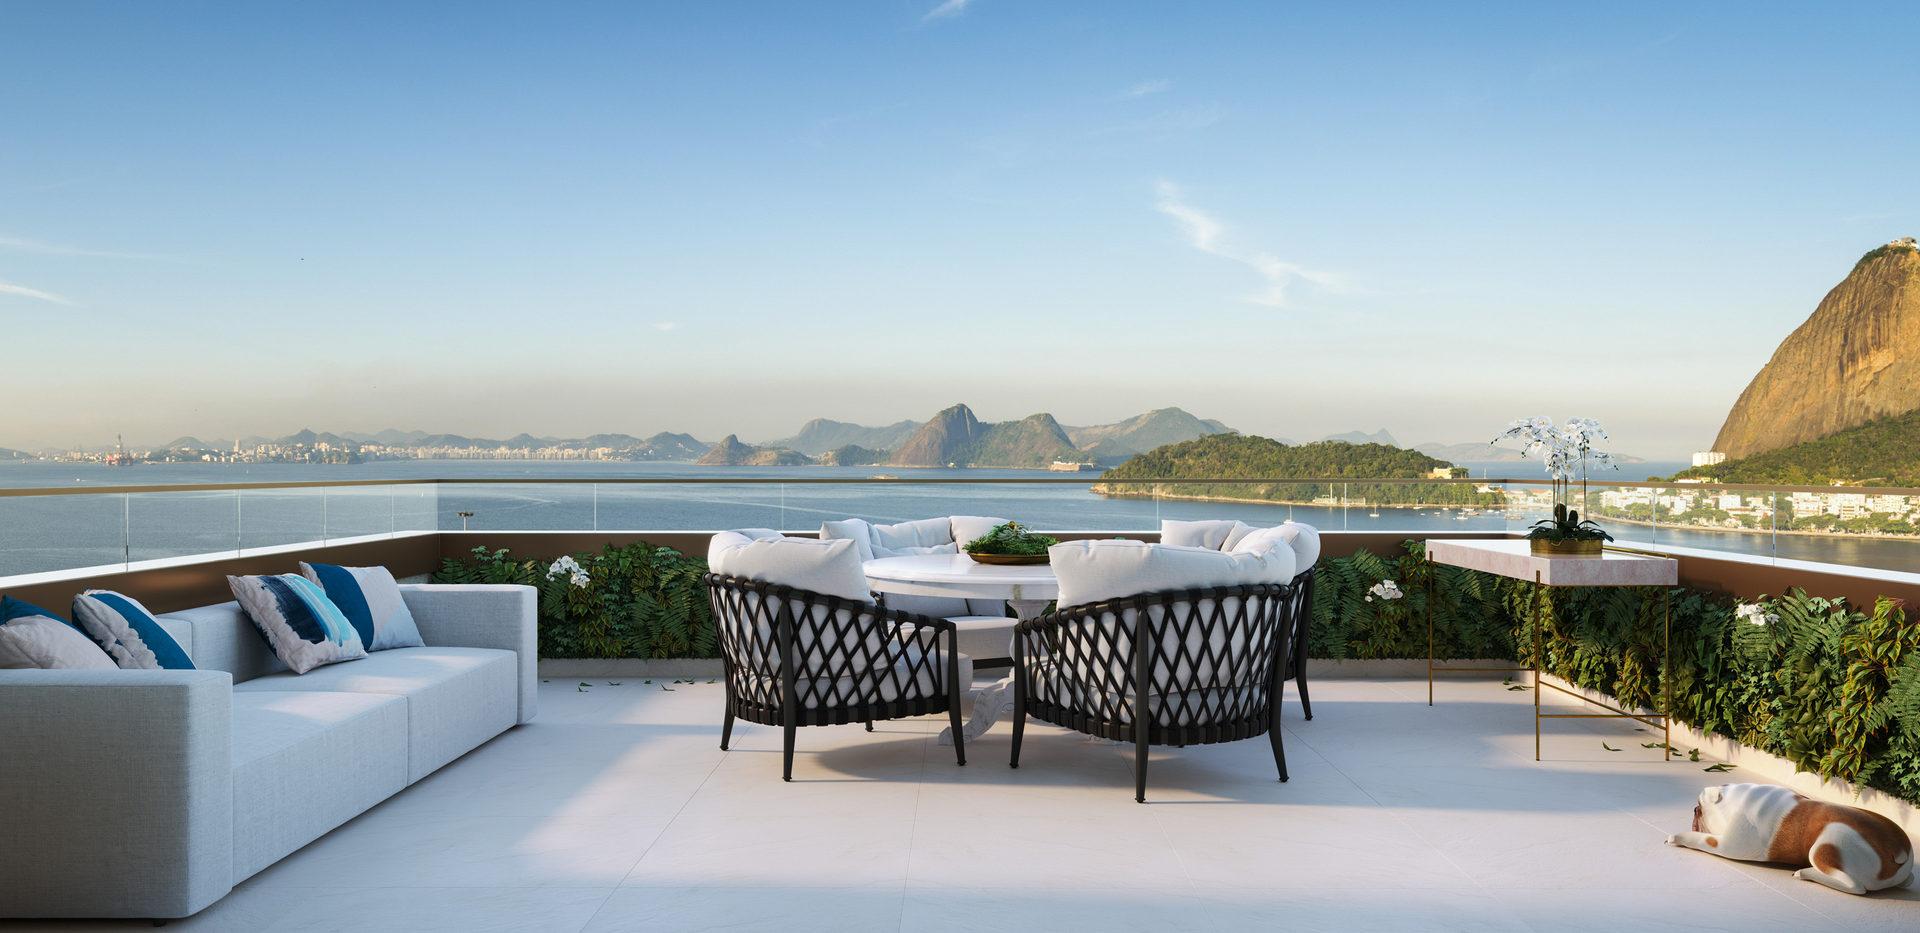 Yoo To Rio de Janeiro - Viva em um cenário de Cartão Postal!